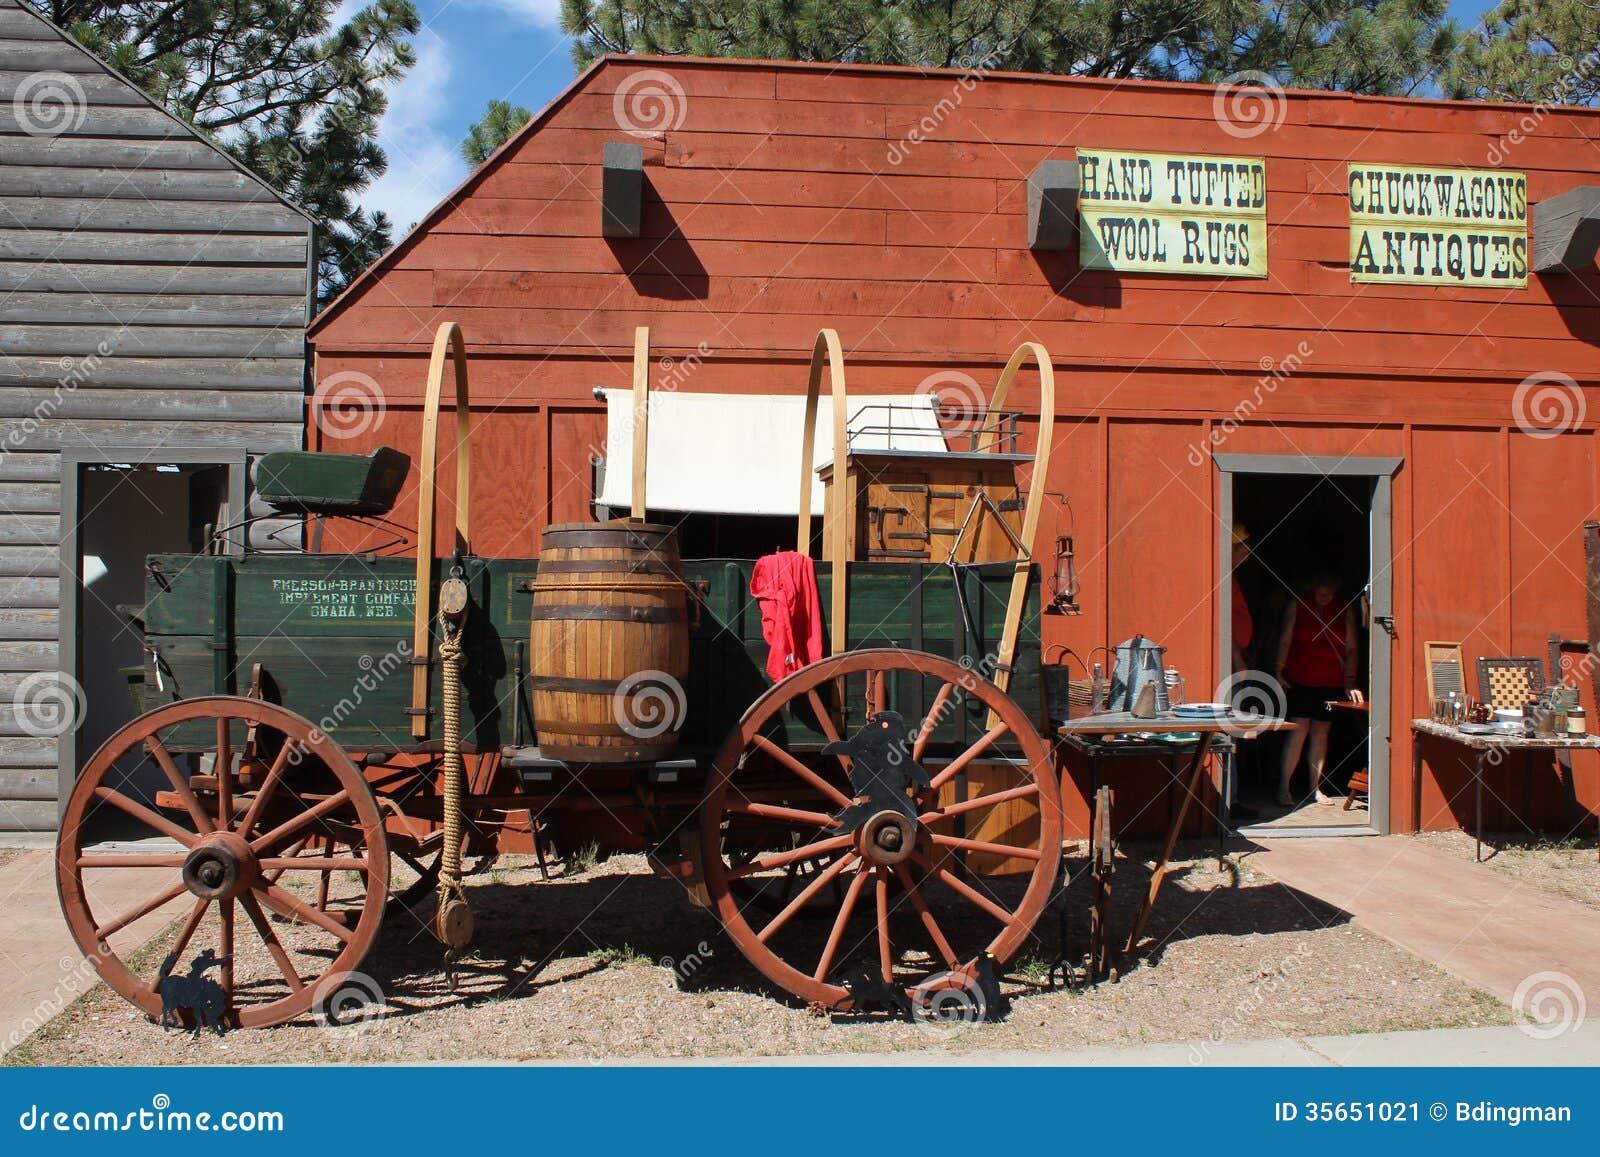 Frontier Village - Cheyenne Frontier Days